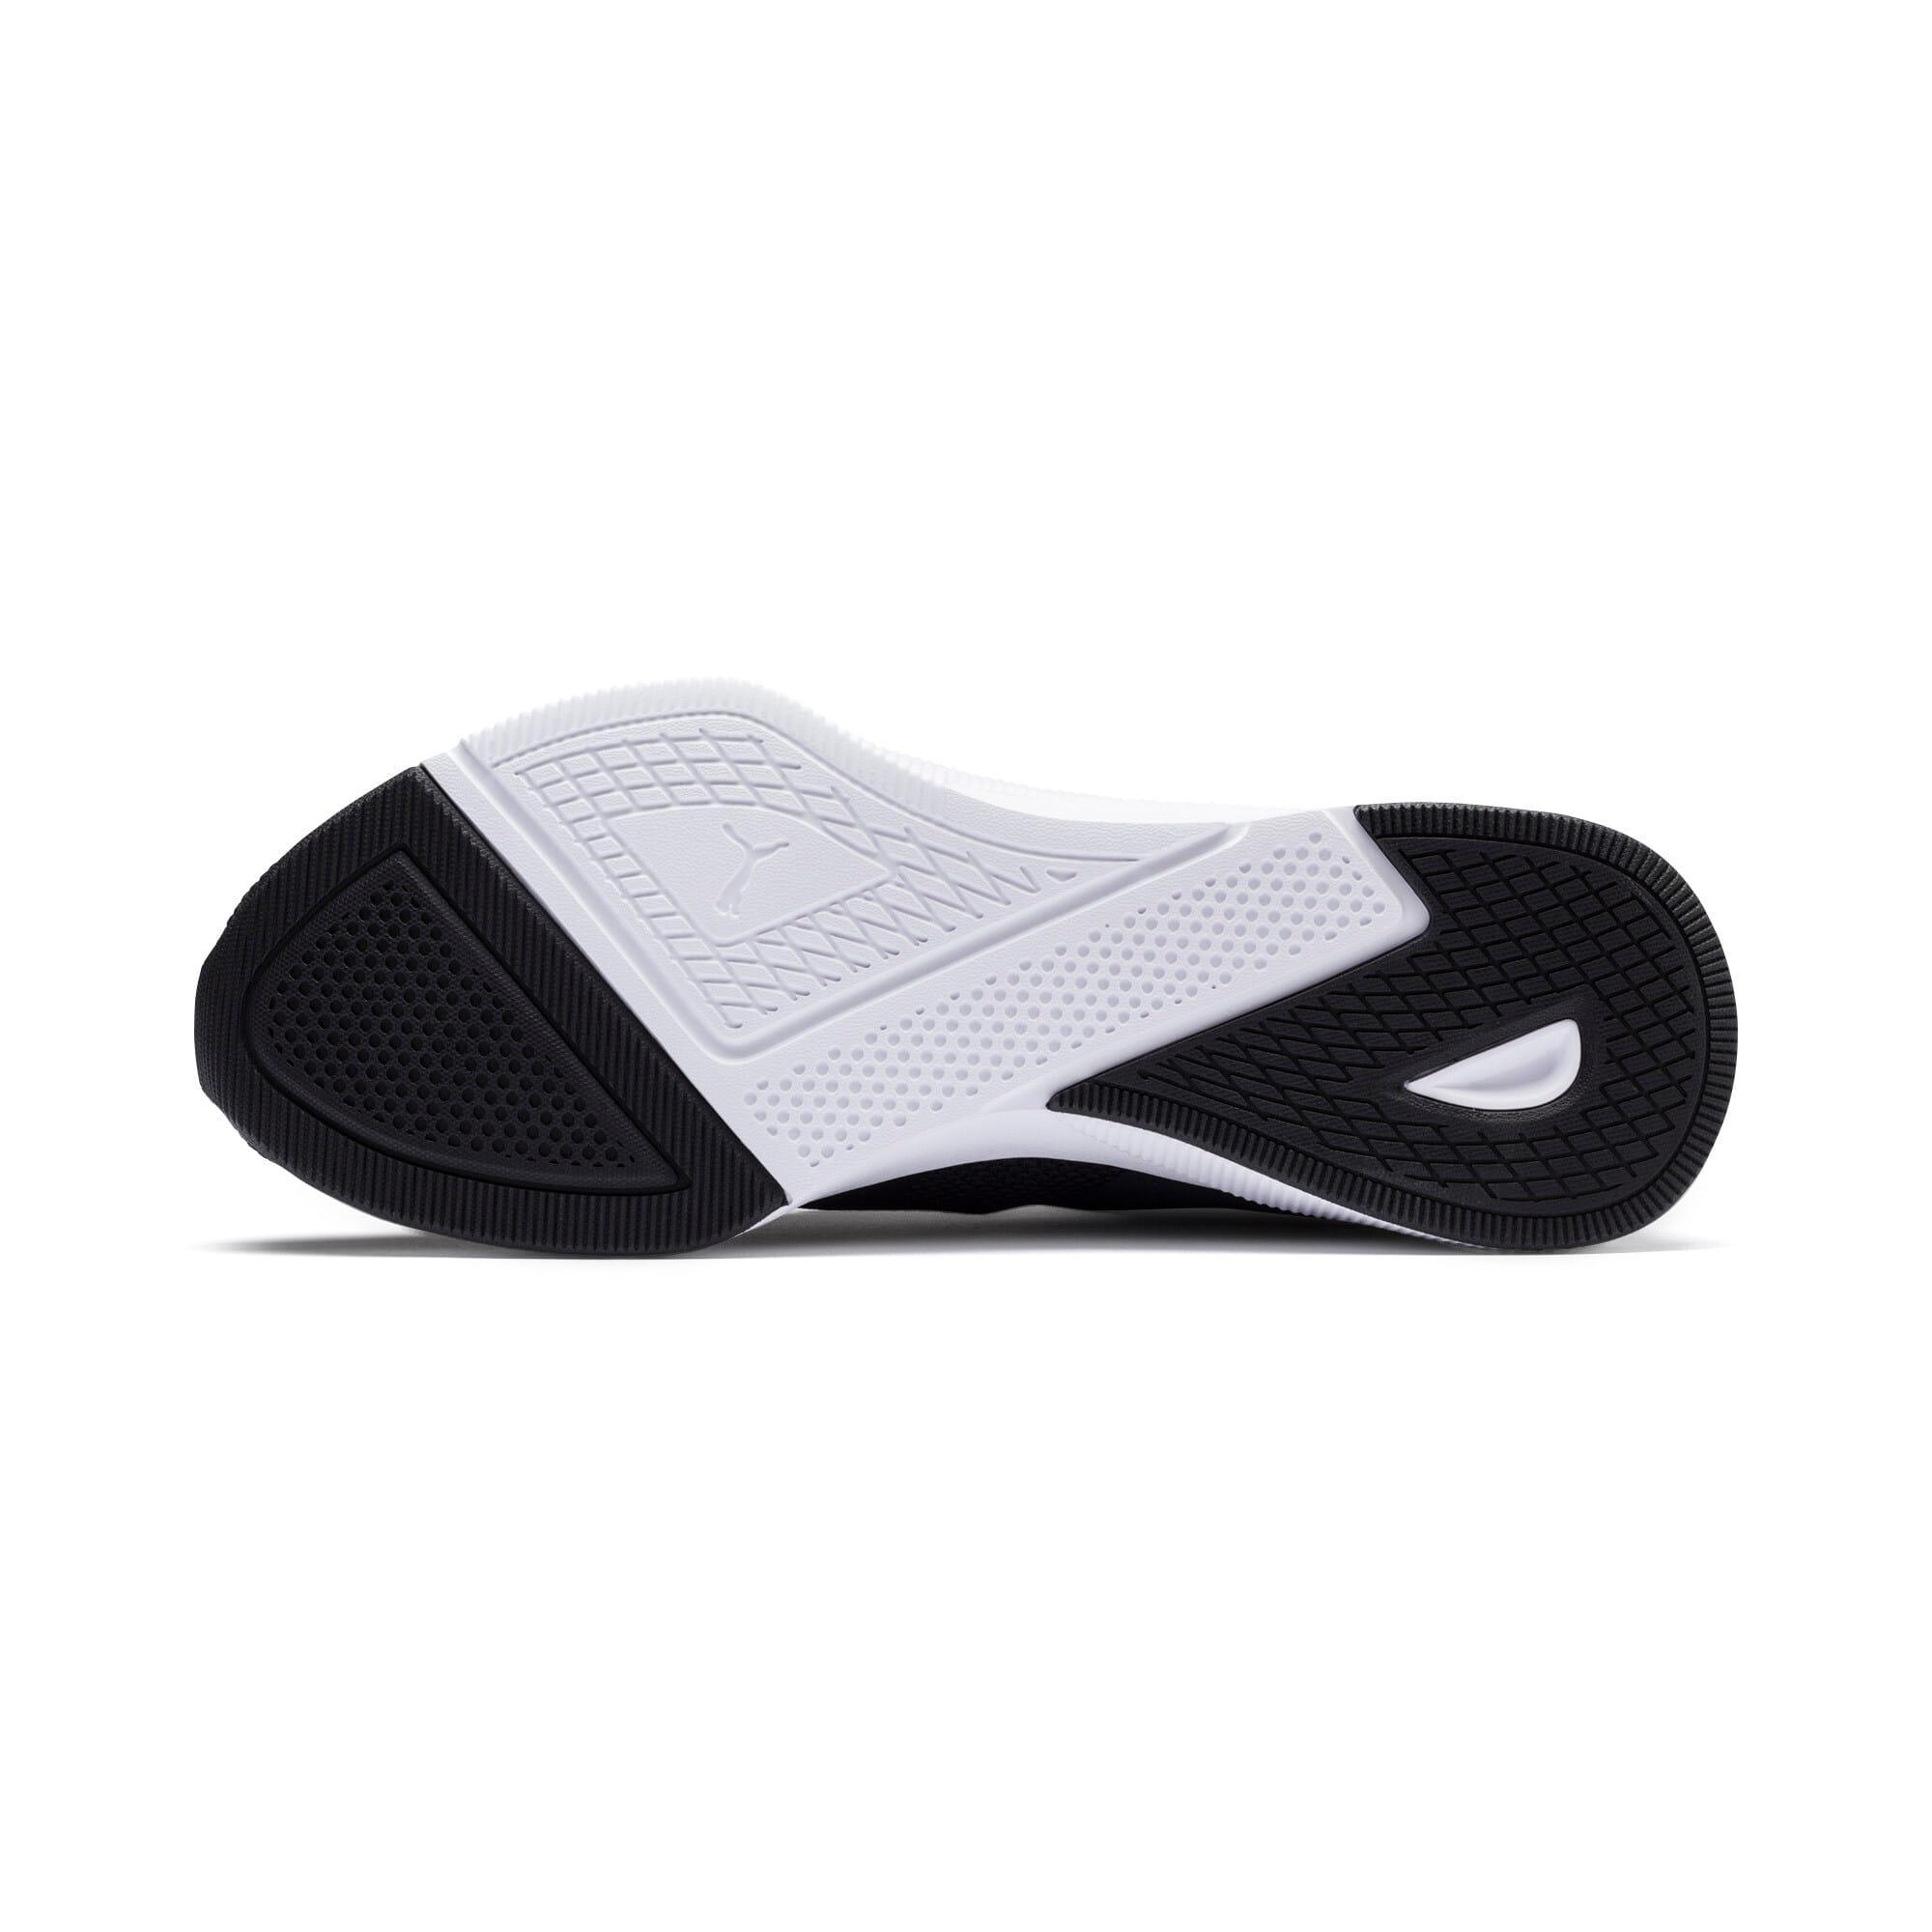 Thumbnail 4 of Flyer Runner Running Shoes, Black-Black-White, medium